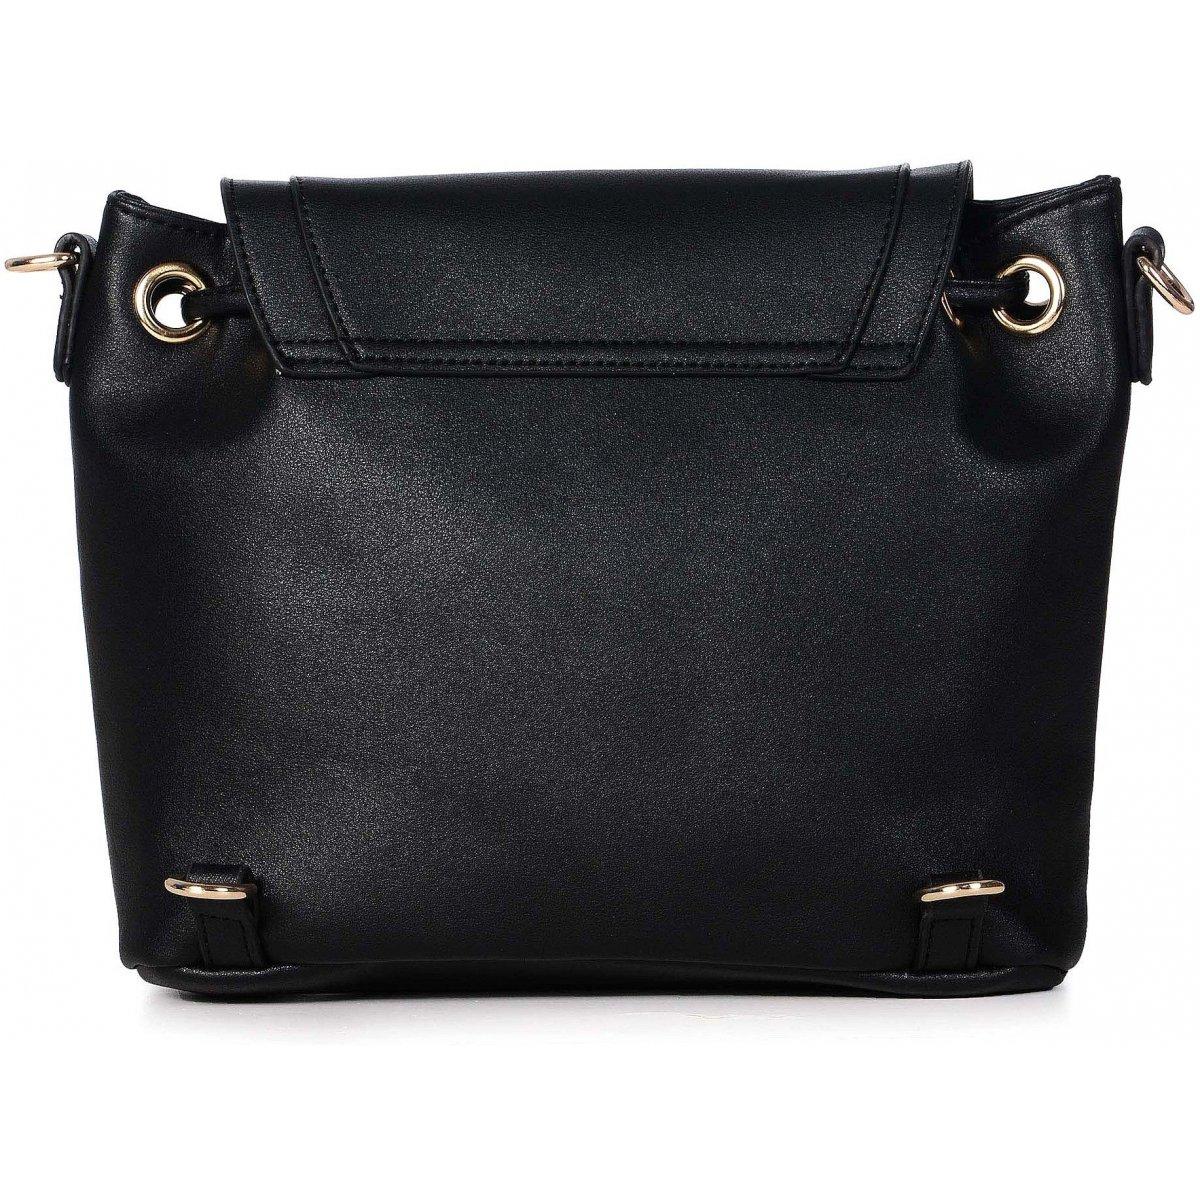 sac bandouli re dos les sacs de k 39 rlot fkg0015 couleur principale noir promotion. Black Bedroom Furniture Sets. Home Design Ideas